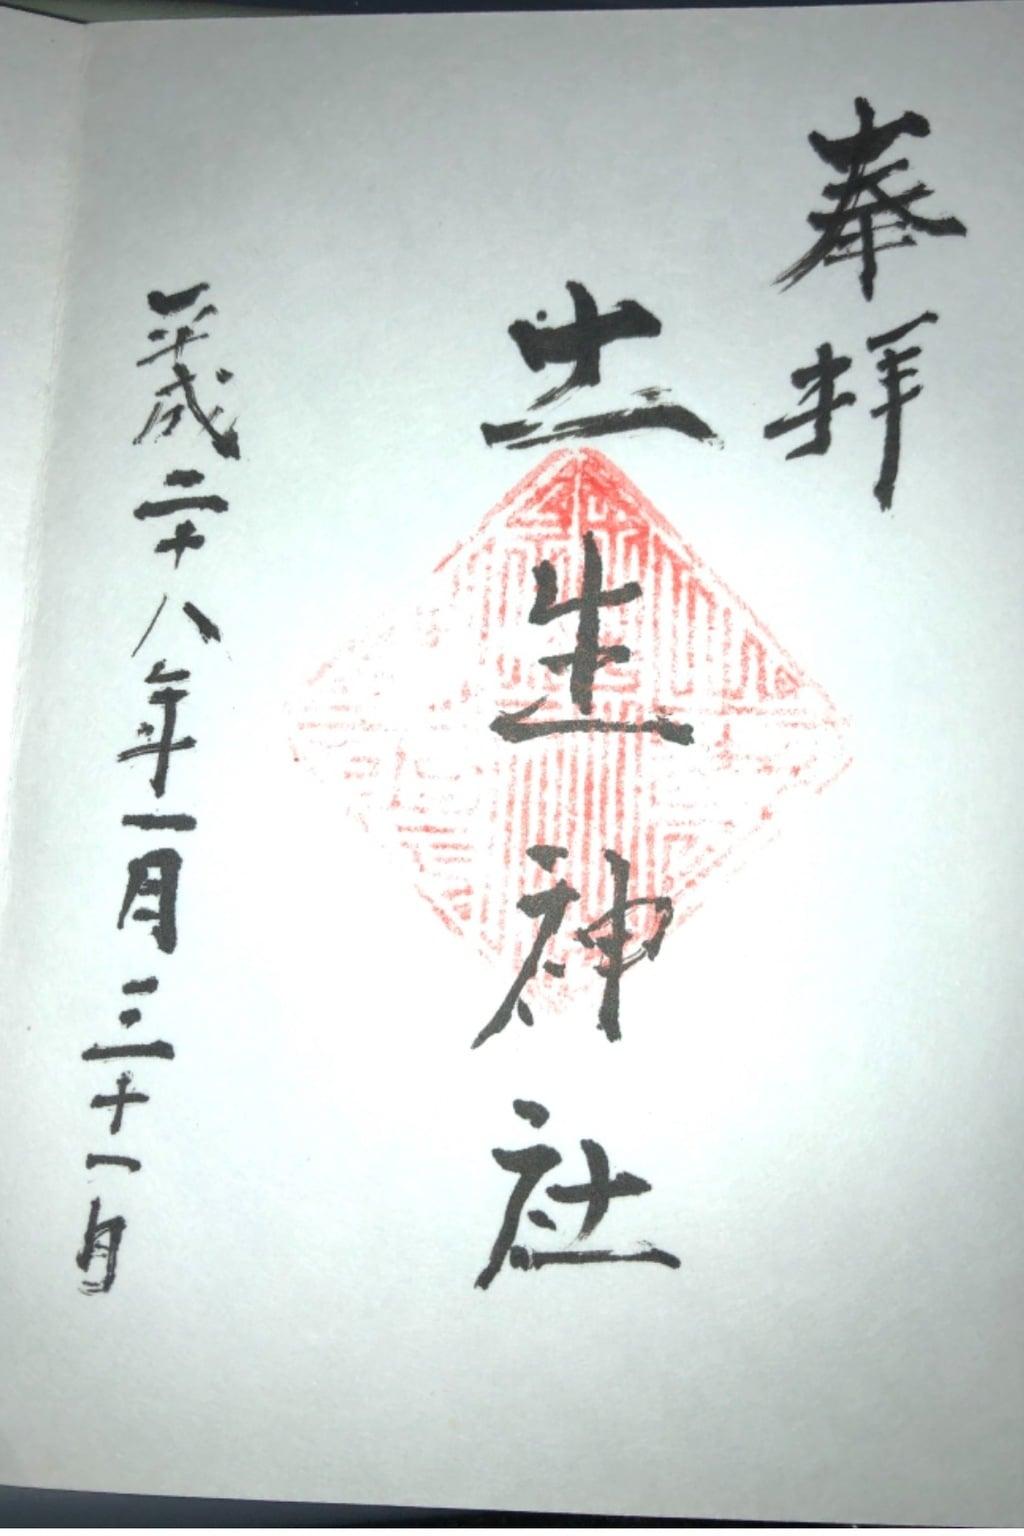 土生神社の御朱印